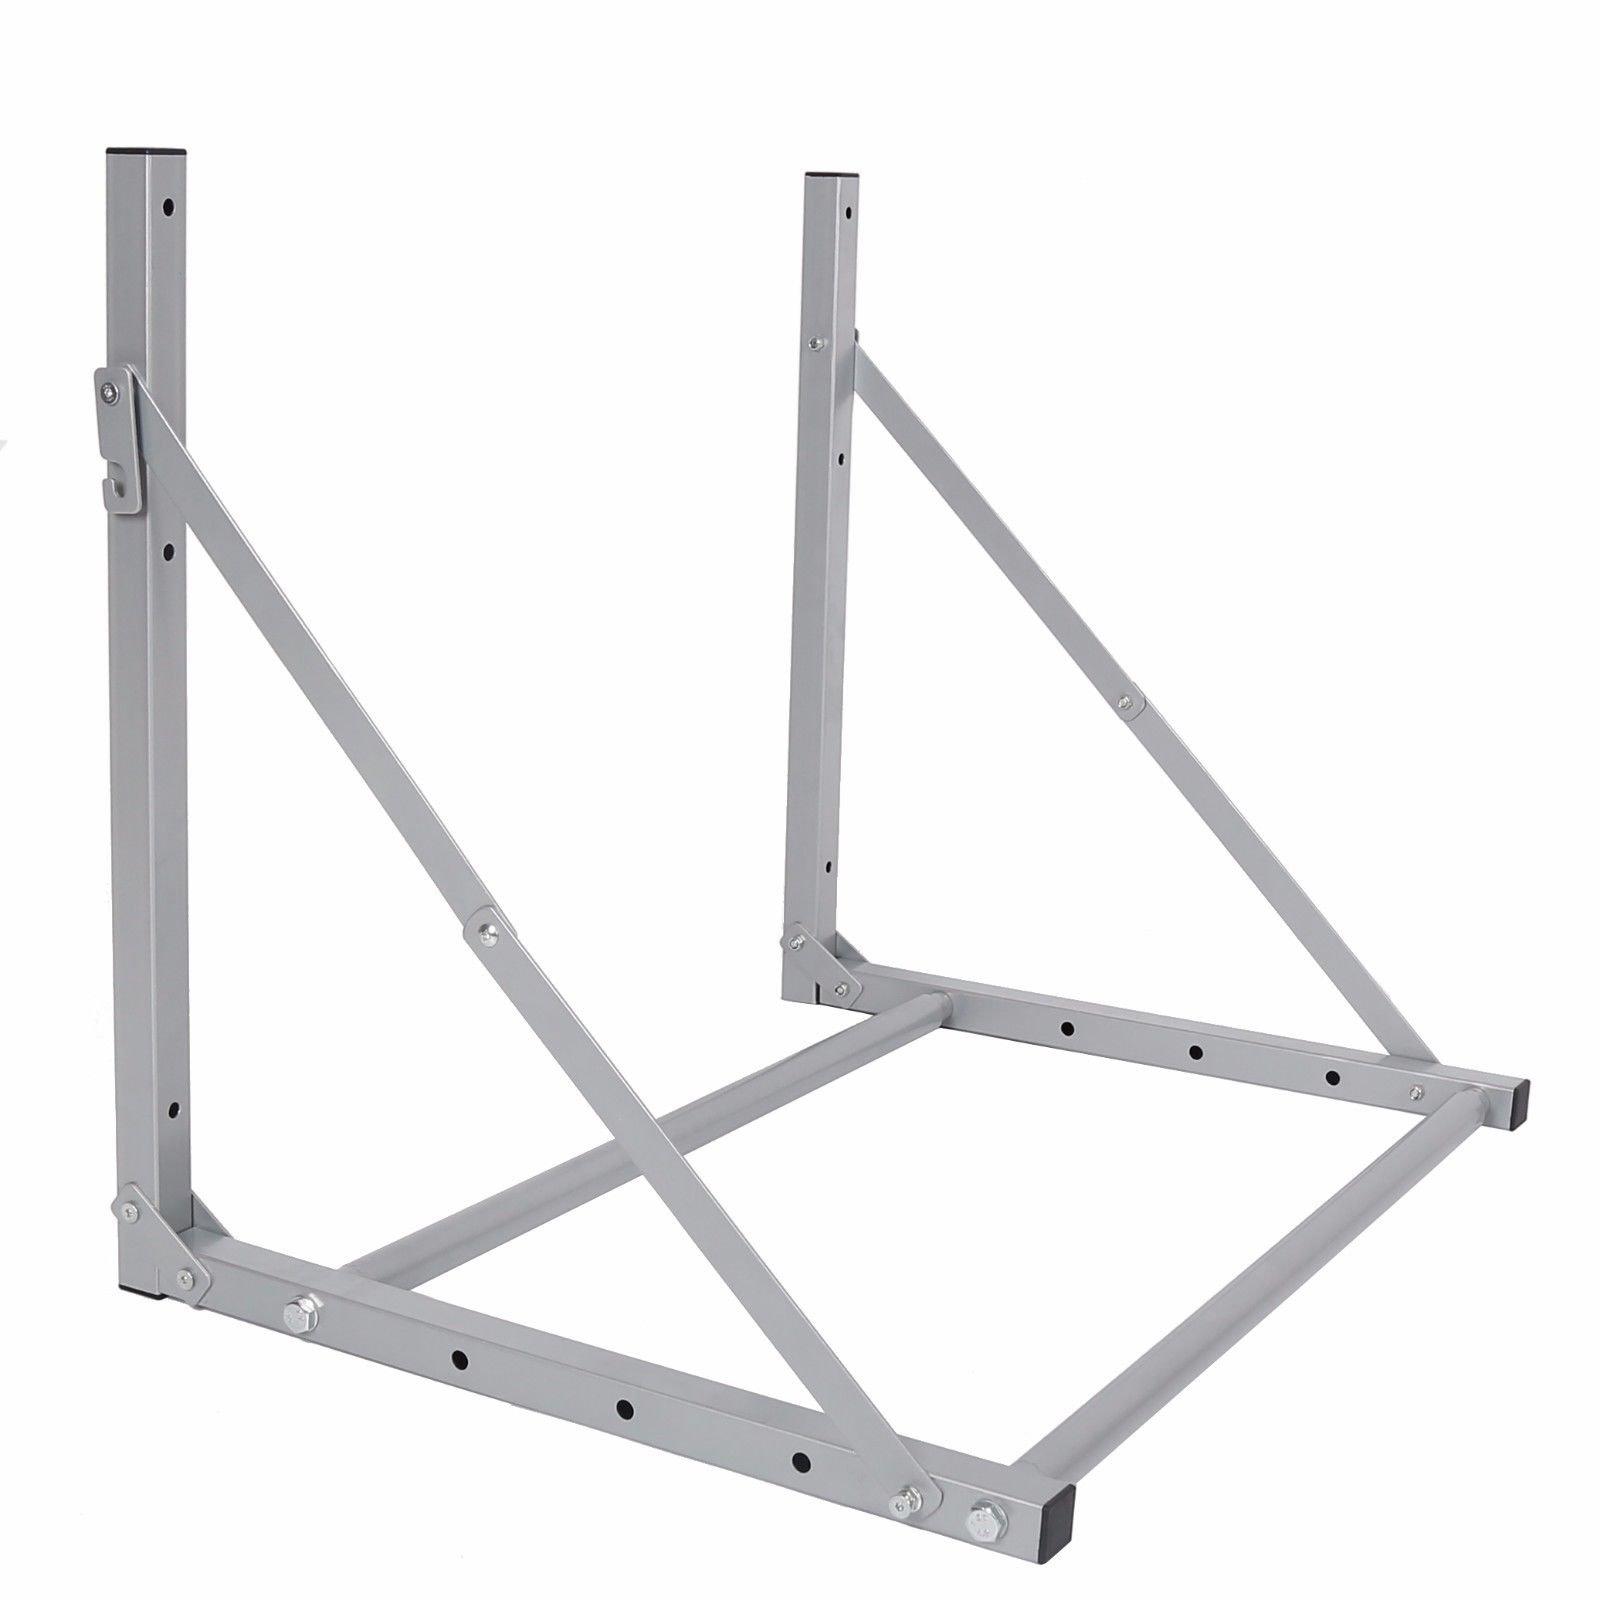 Tire Wheel Rack Storage Holder Heavy Duty Garage Wall Mount Steel New 4 Folding